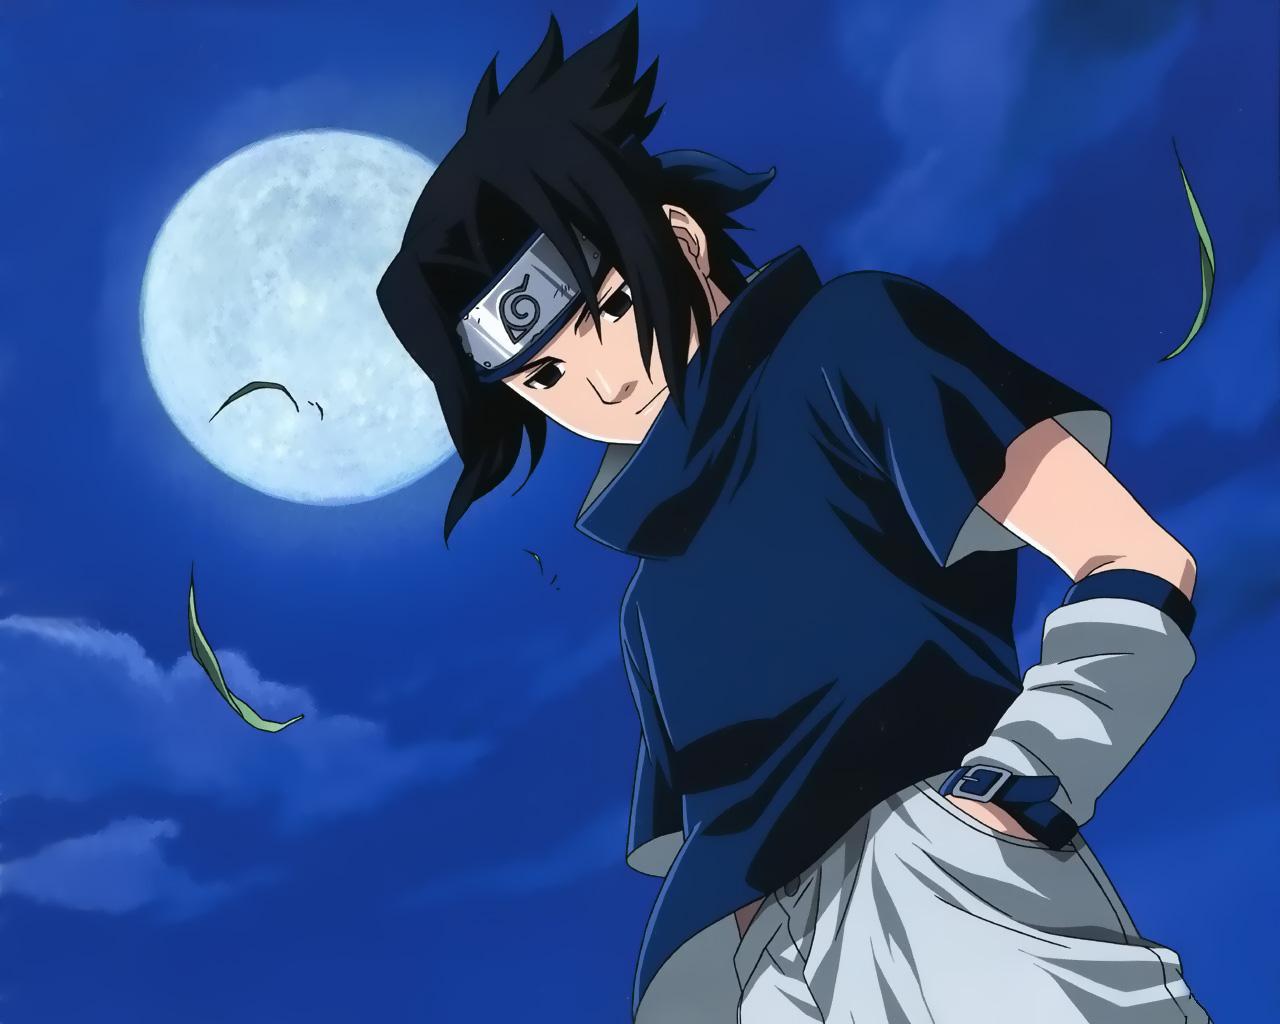 http://4.bp.blogspot.com/_kD0-a4xNd4g/TNMrOOHC6CI/AAAAAAAAAA4/Tq33dNakWk8/s1600/Sasuke-015.jpg